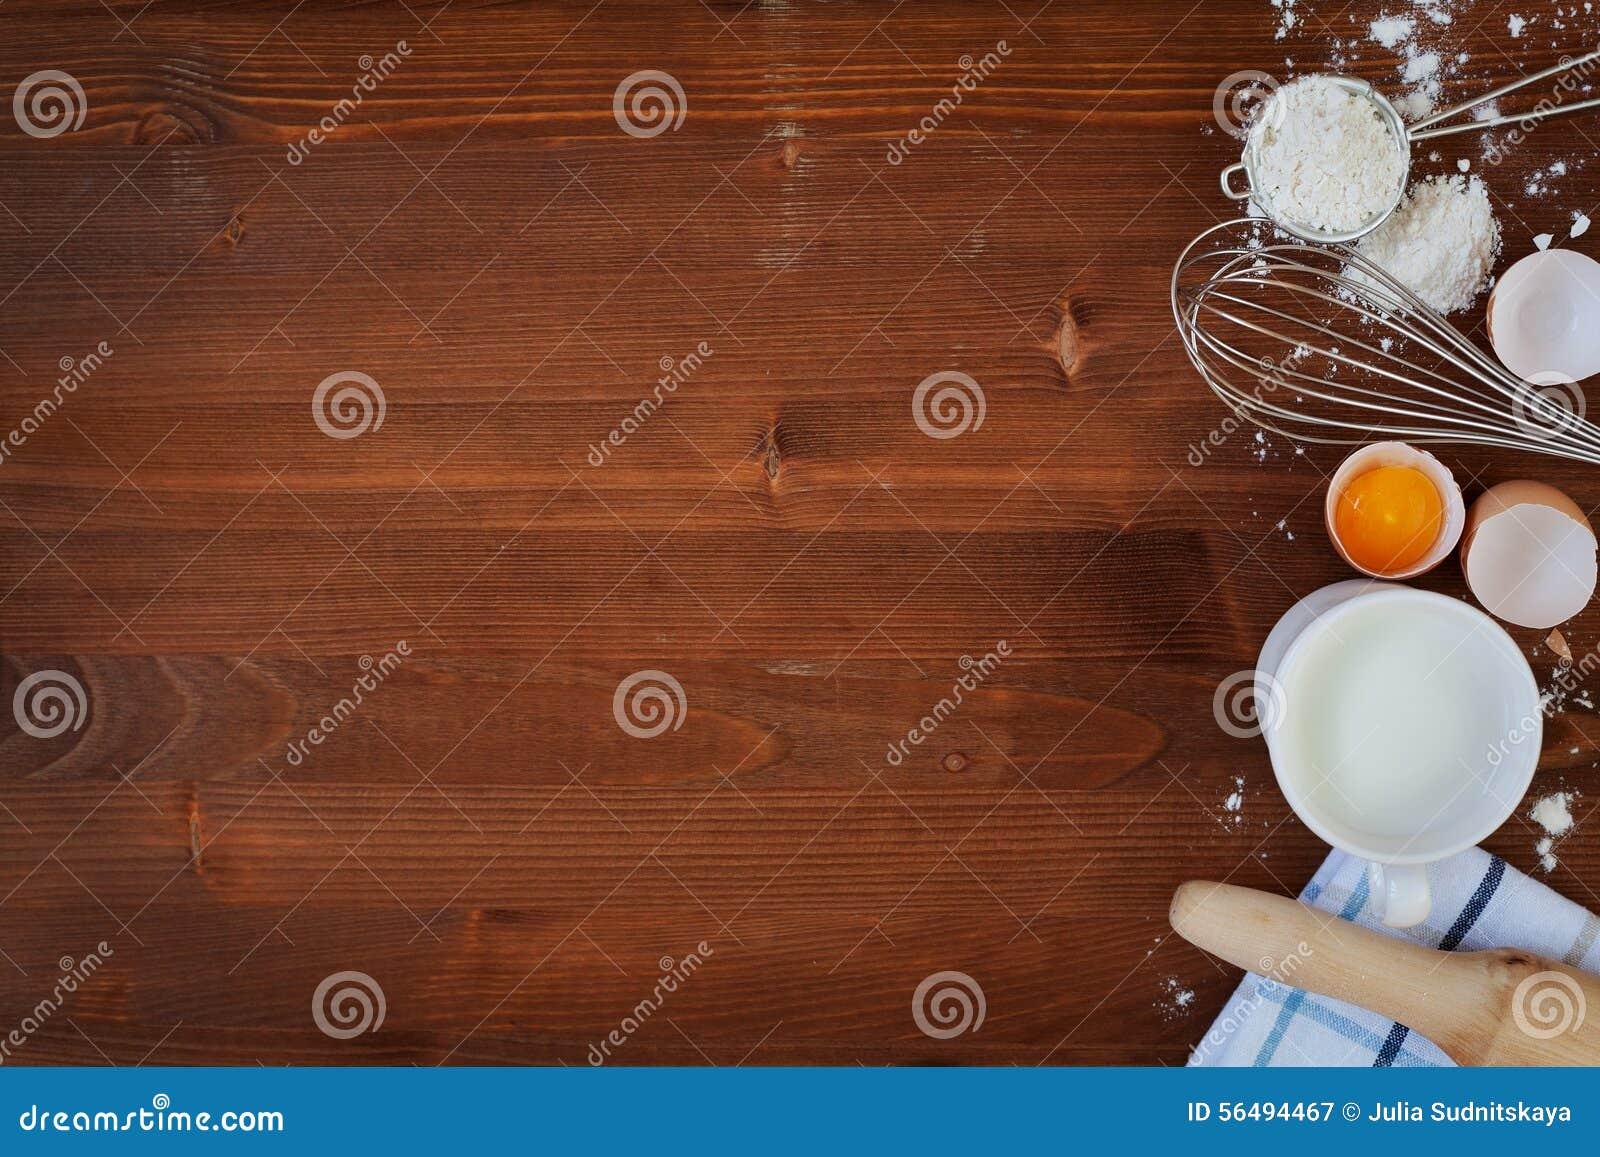 烘烤的面团的成份包括面粉,鸡蛋,牛奶,扫和滚针在木土气背景